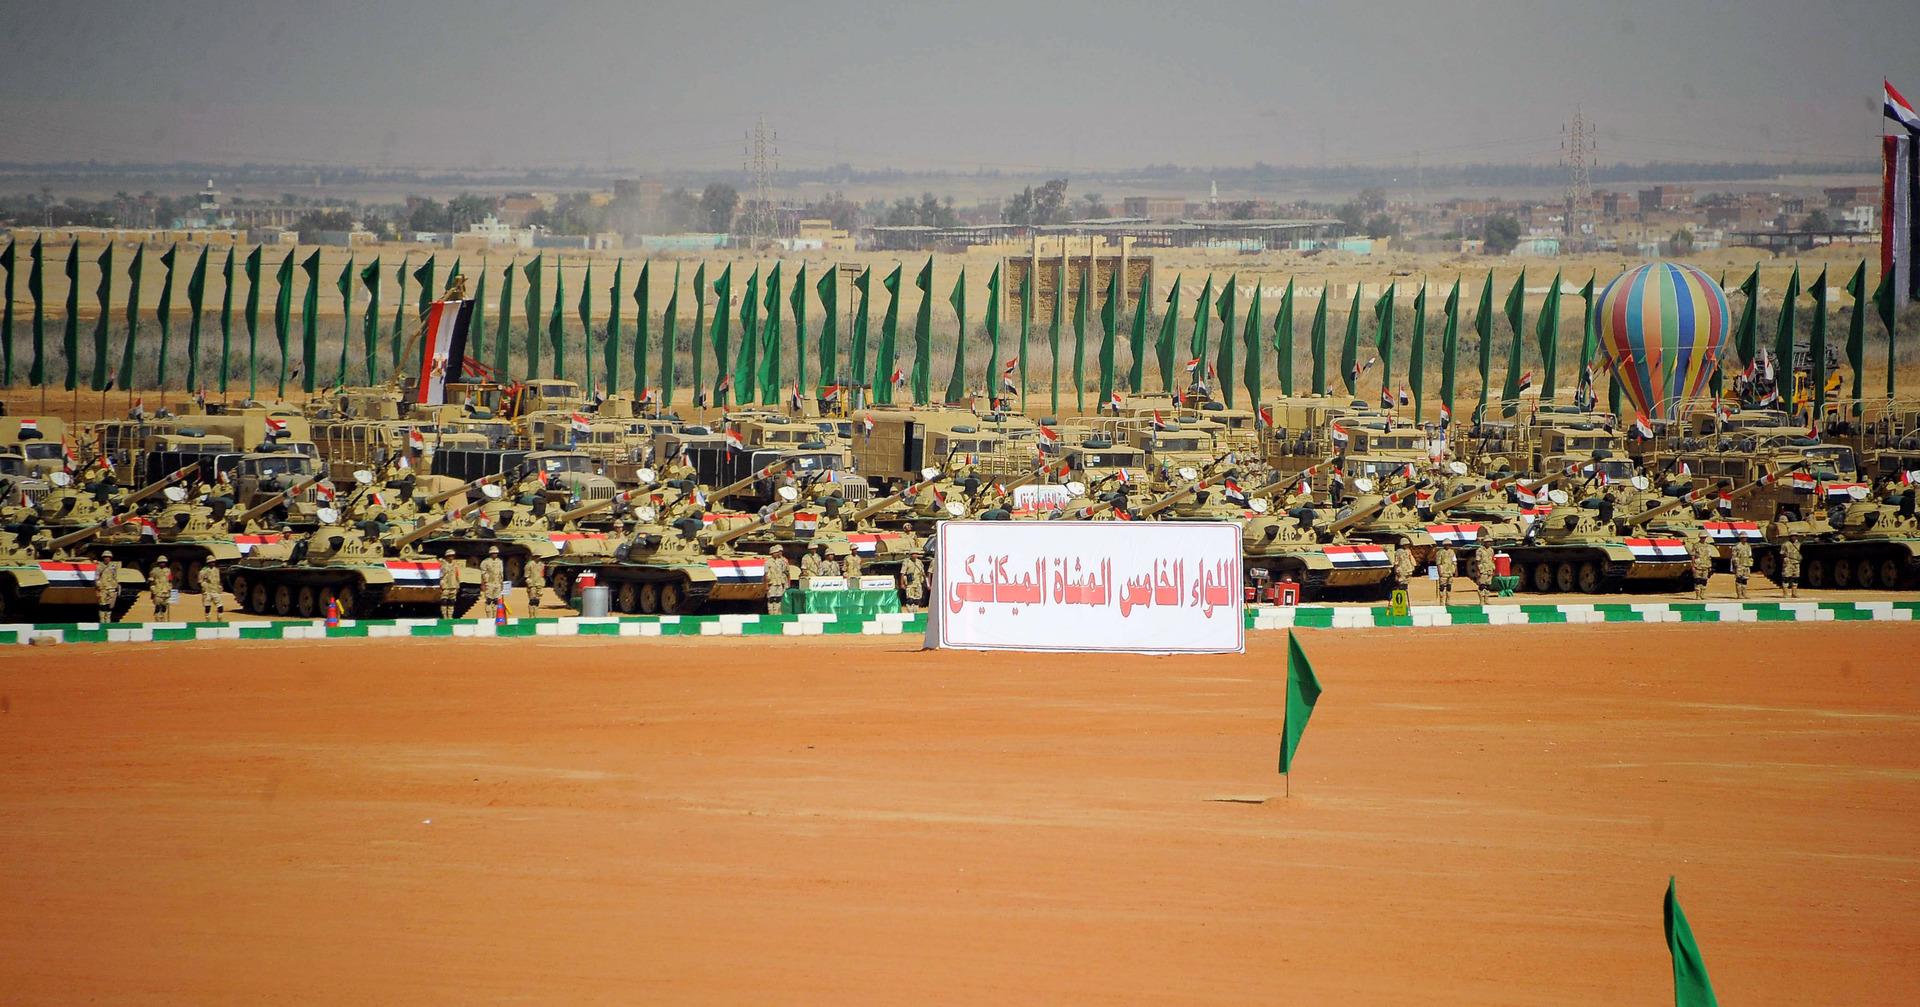 الهيئة الهندسية للجيش المصري تعلن عن مشروعات في سيناء بقيمة تقارب نصف ترليون جنيه